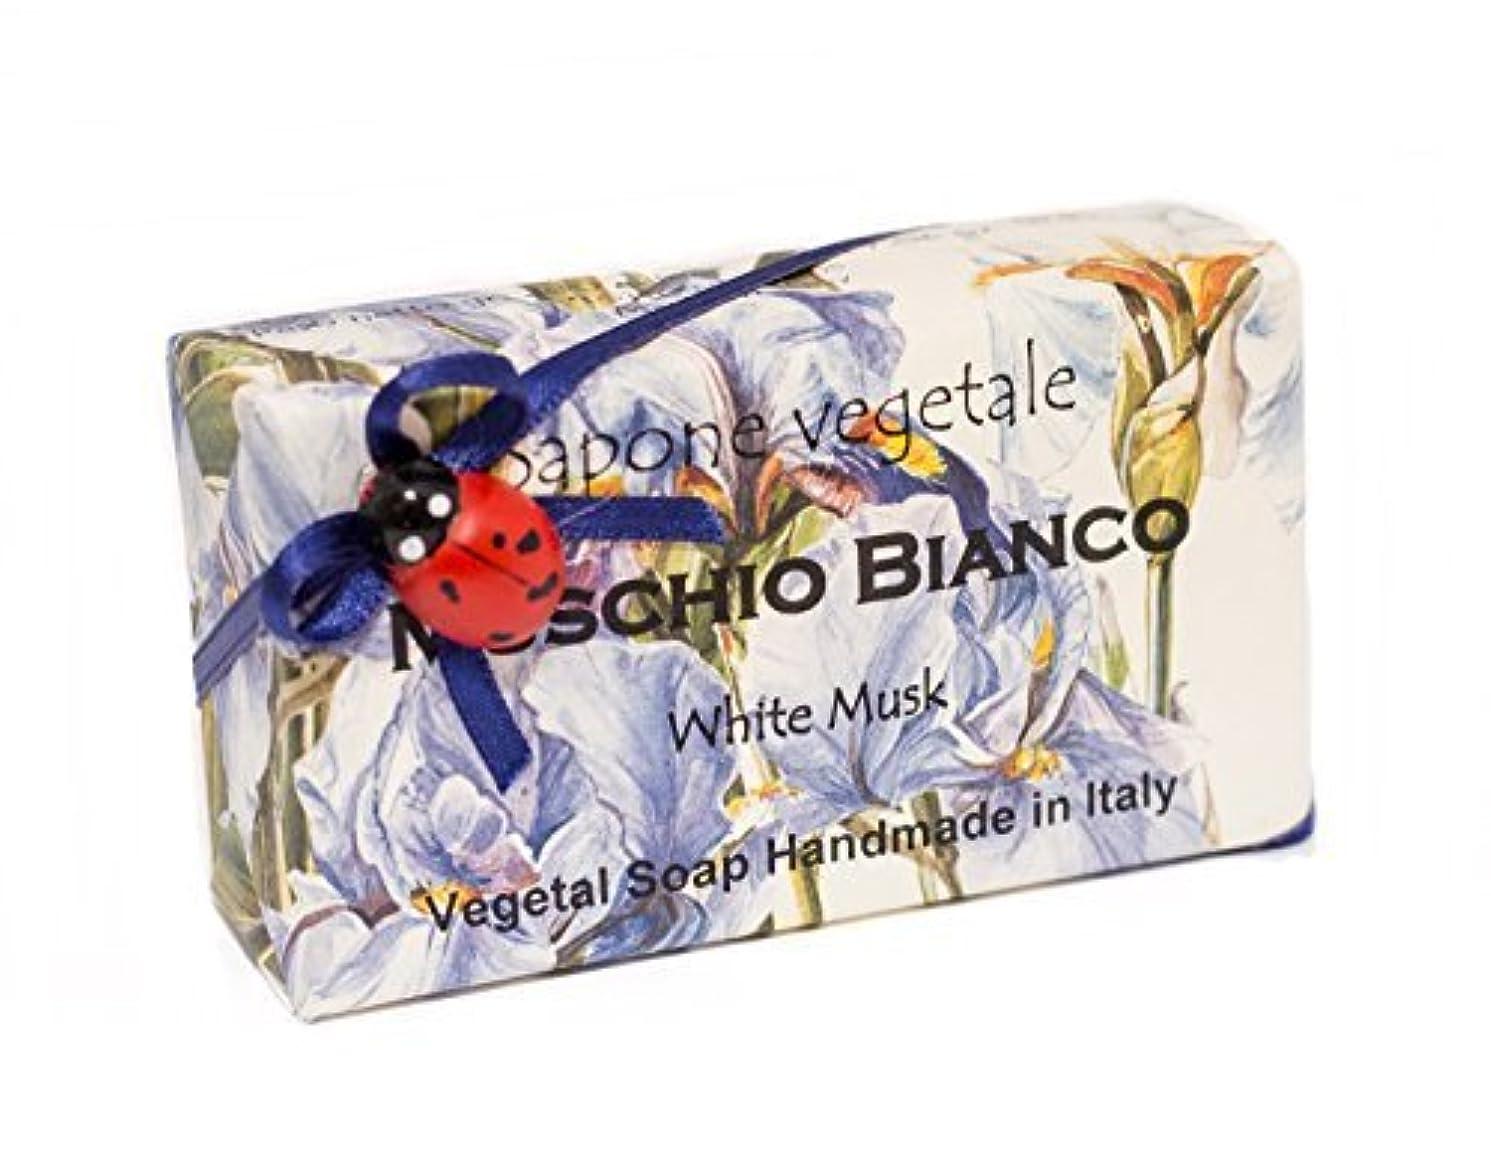 Alchimia 高級ギフトボックス付きMuschioビアンコ(WHTEムスク)、イタリアからの野菜の手作り石鹸バー、 [並行輸入品]